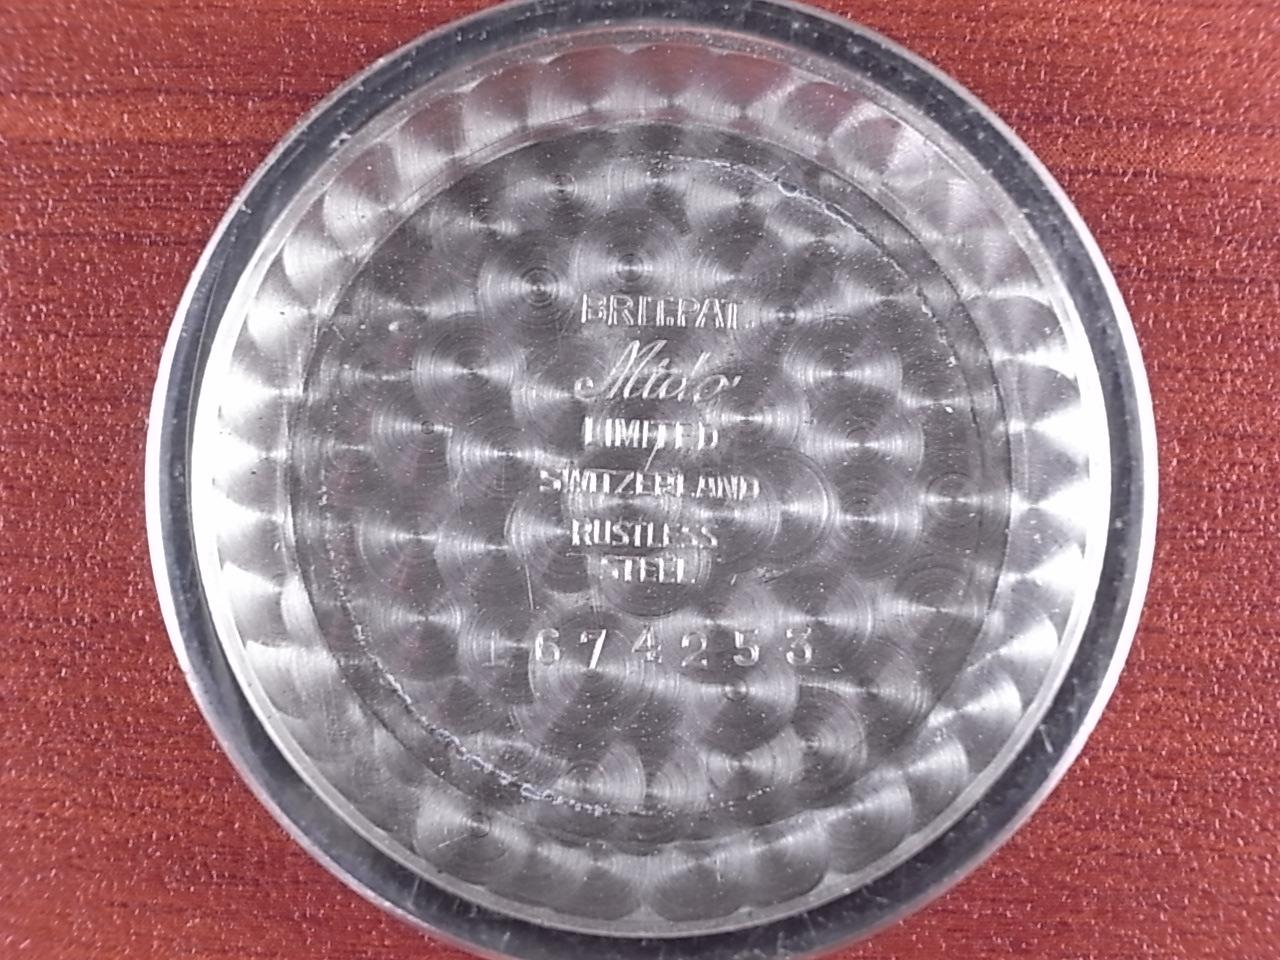 ミドー マルチフォート ブラックミラーダイアル 全回転ローター 1950年代の写真6枚目